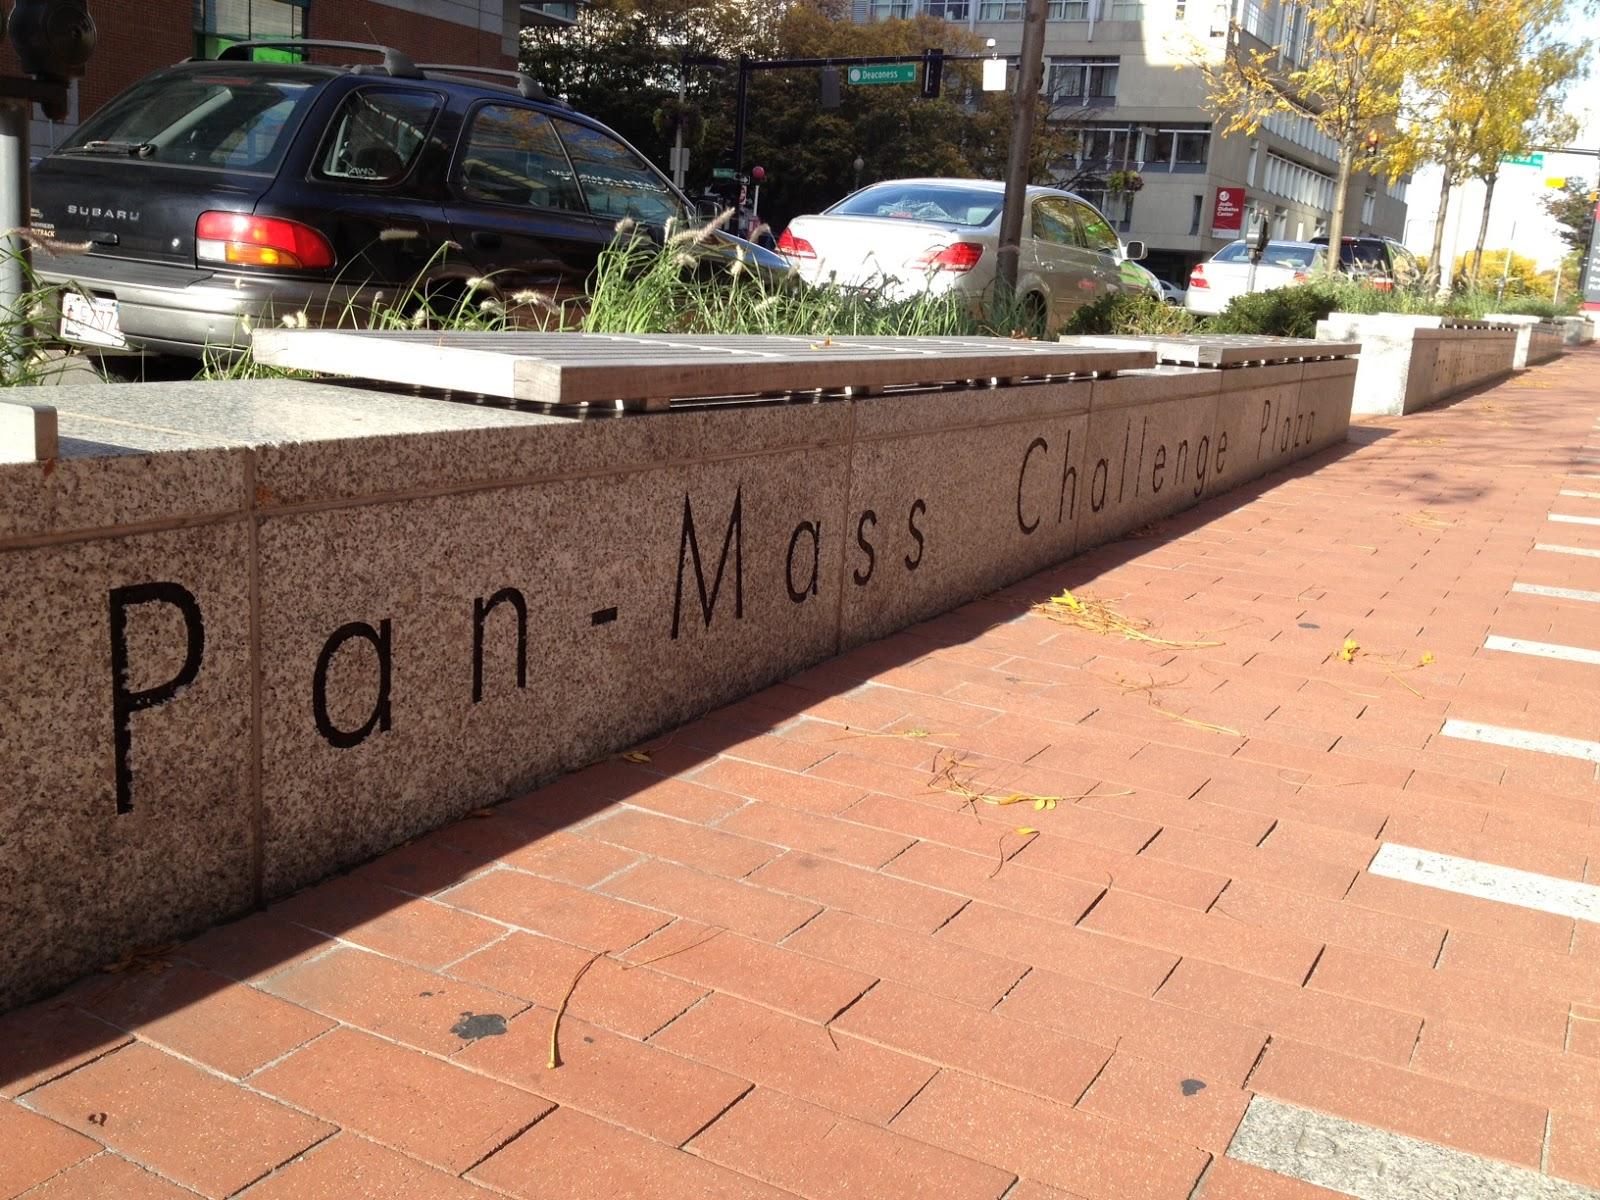 Pan mass challenge dates in Brisbane